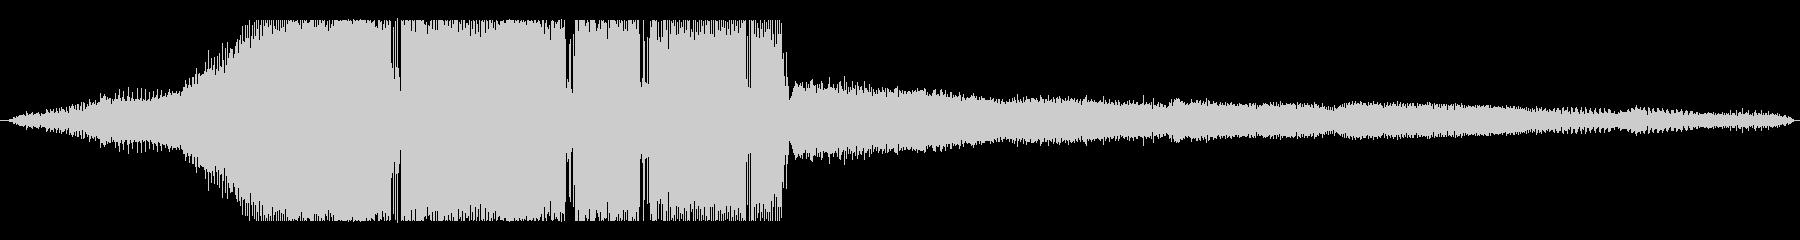 車 三菱パジェロV8高速加速長時間...の未再生の波形